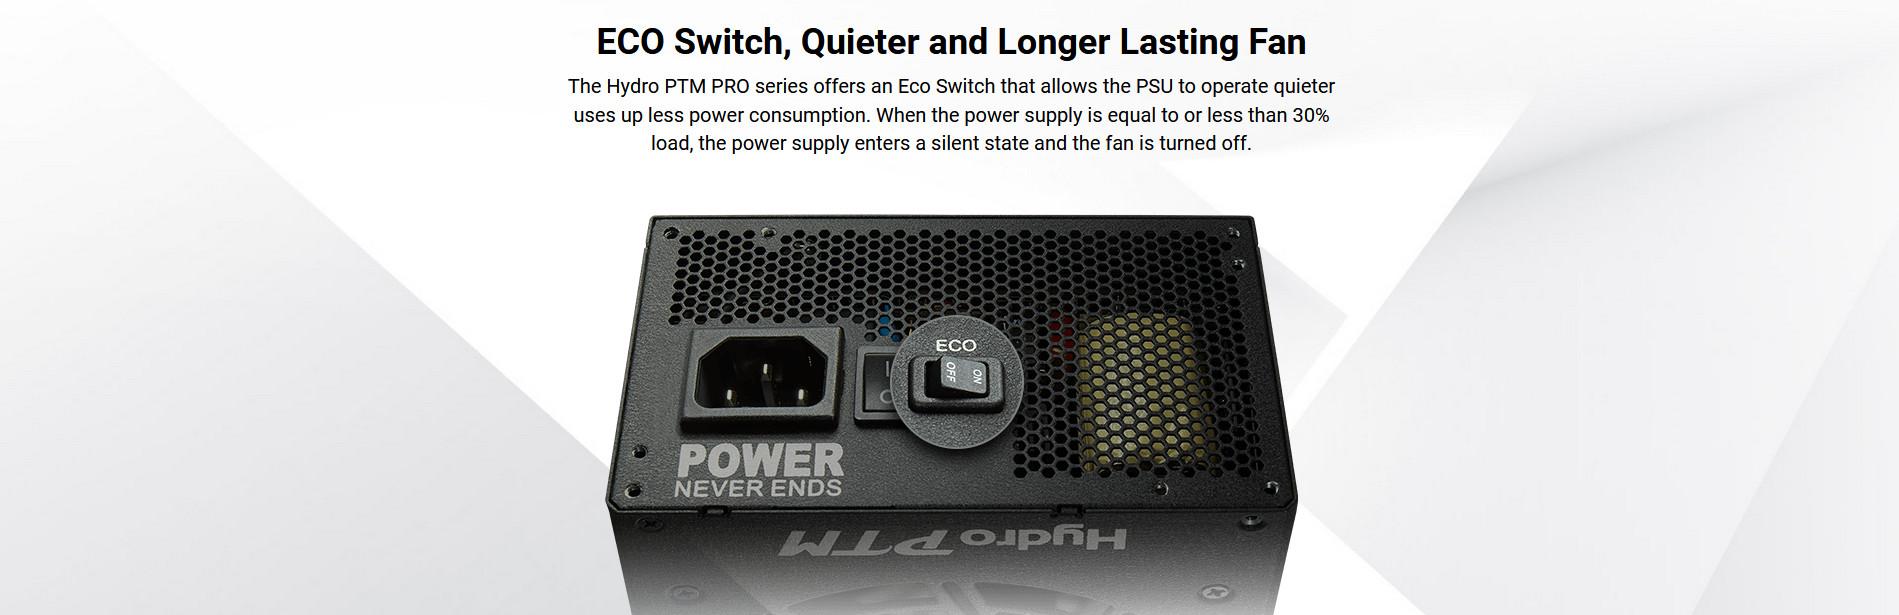 Nguồn FSP Power Supply HYDRO PTM PRO HPT2-650M  Active PFC (80 Plus Platinum/Full Modular /Màu Đen) giới thiệu 2